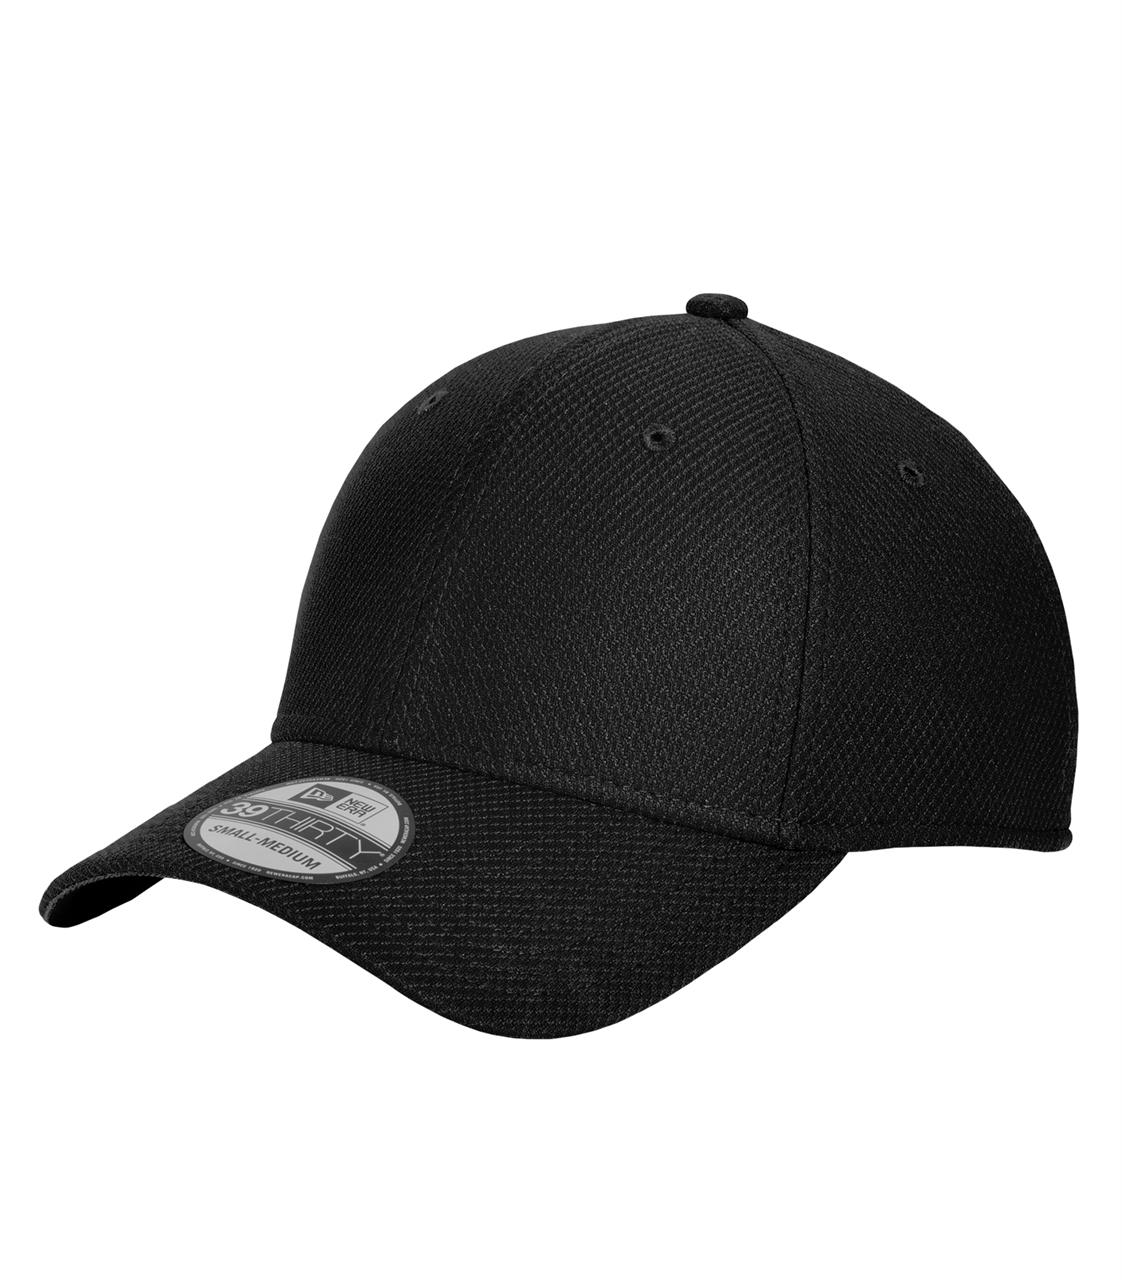 Picture of New Era Diamond Era Stretch Cap